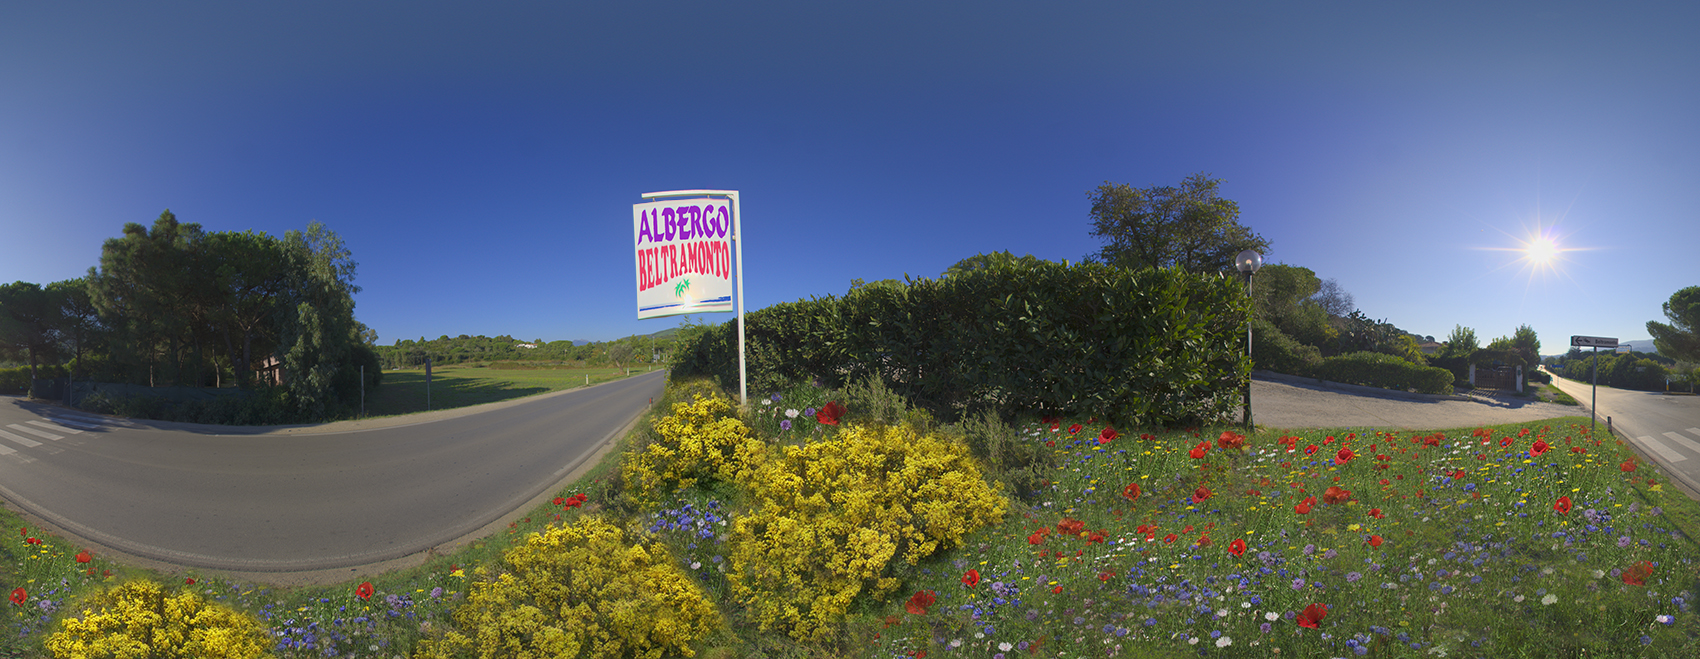 Albergo Beltramonto